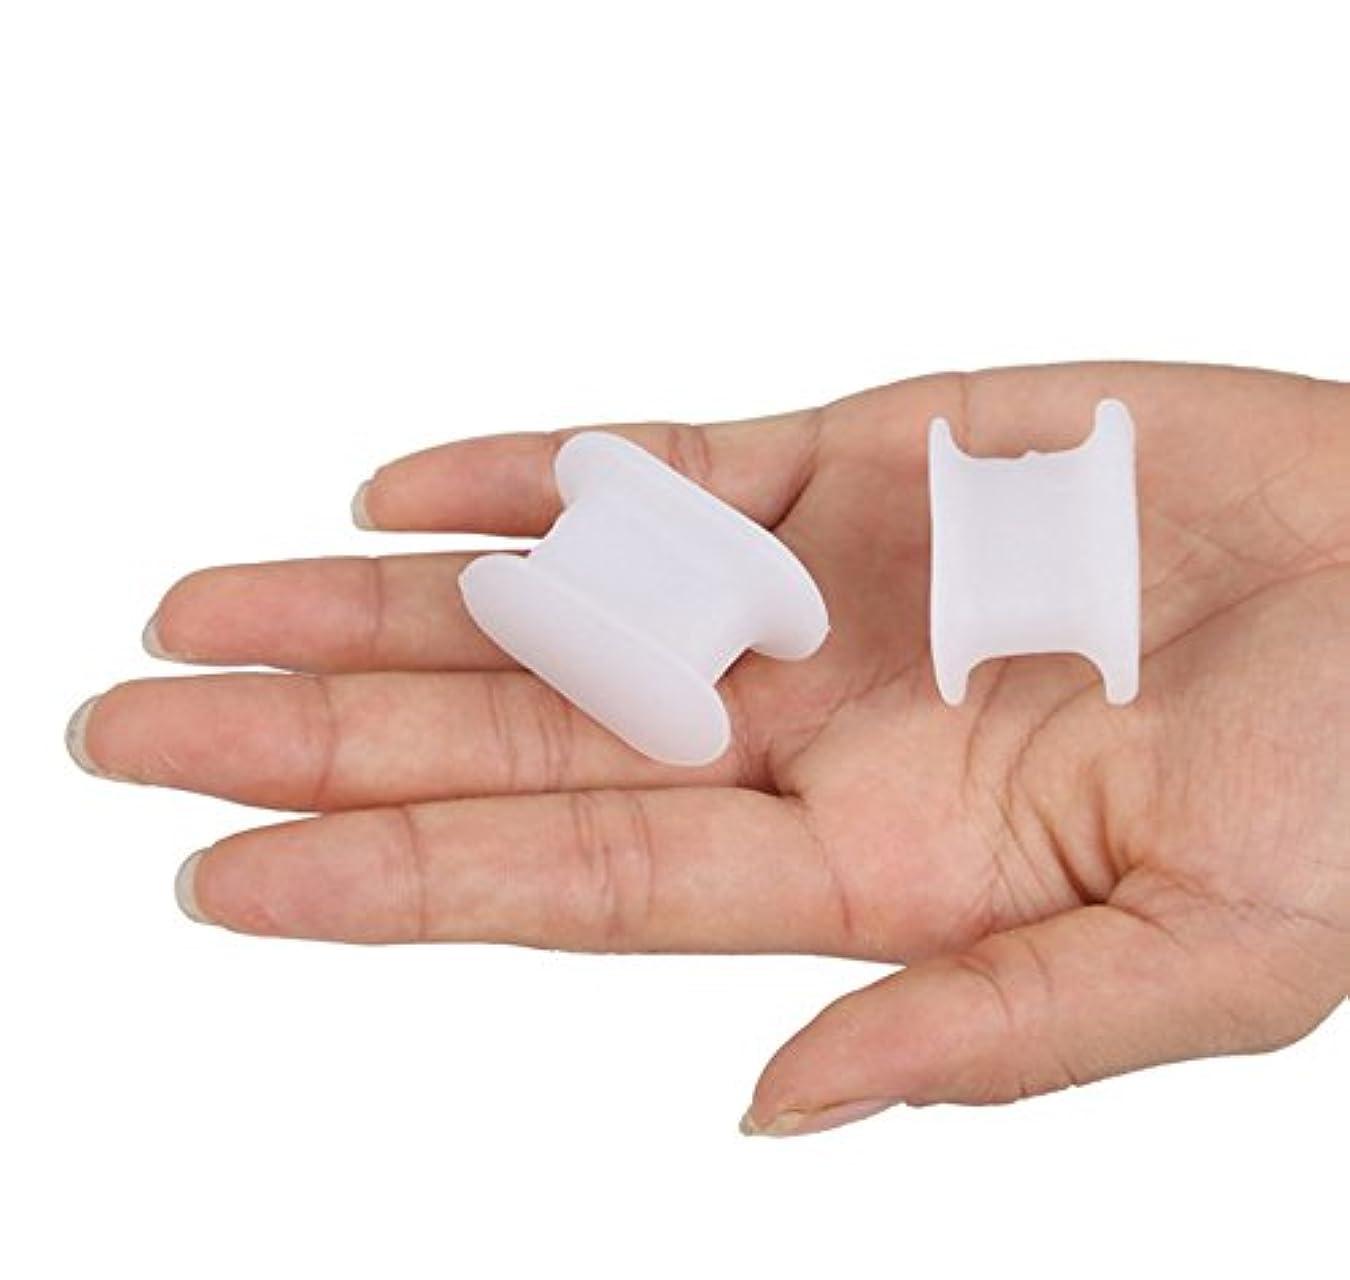 6ペアつま先セパレーターソフトジェルハンマー爪つま先パッドフットケアけいれん外反母趾ブレース足の痛みリラックス